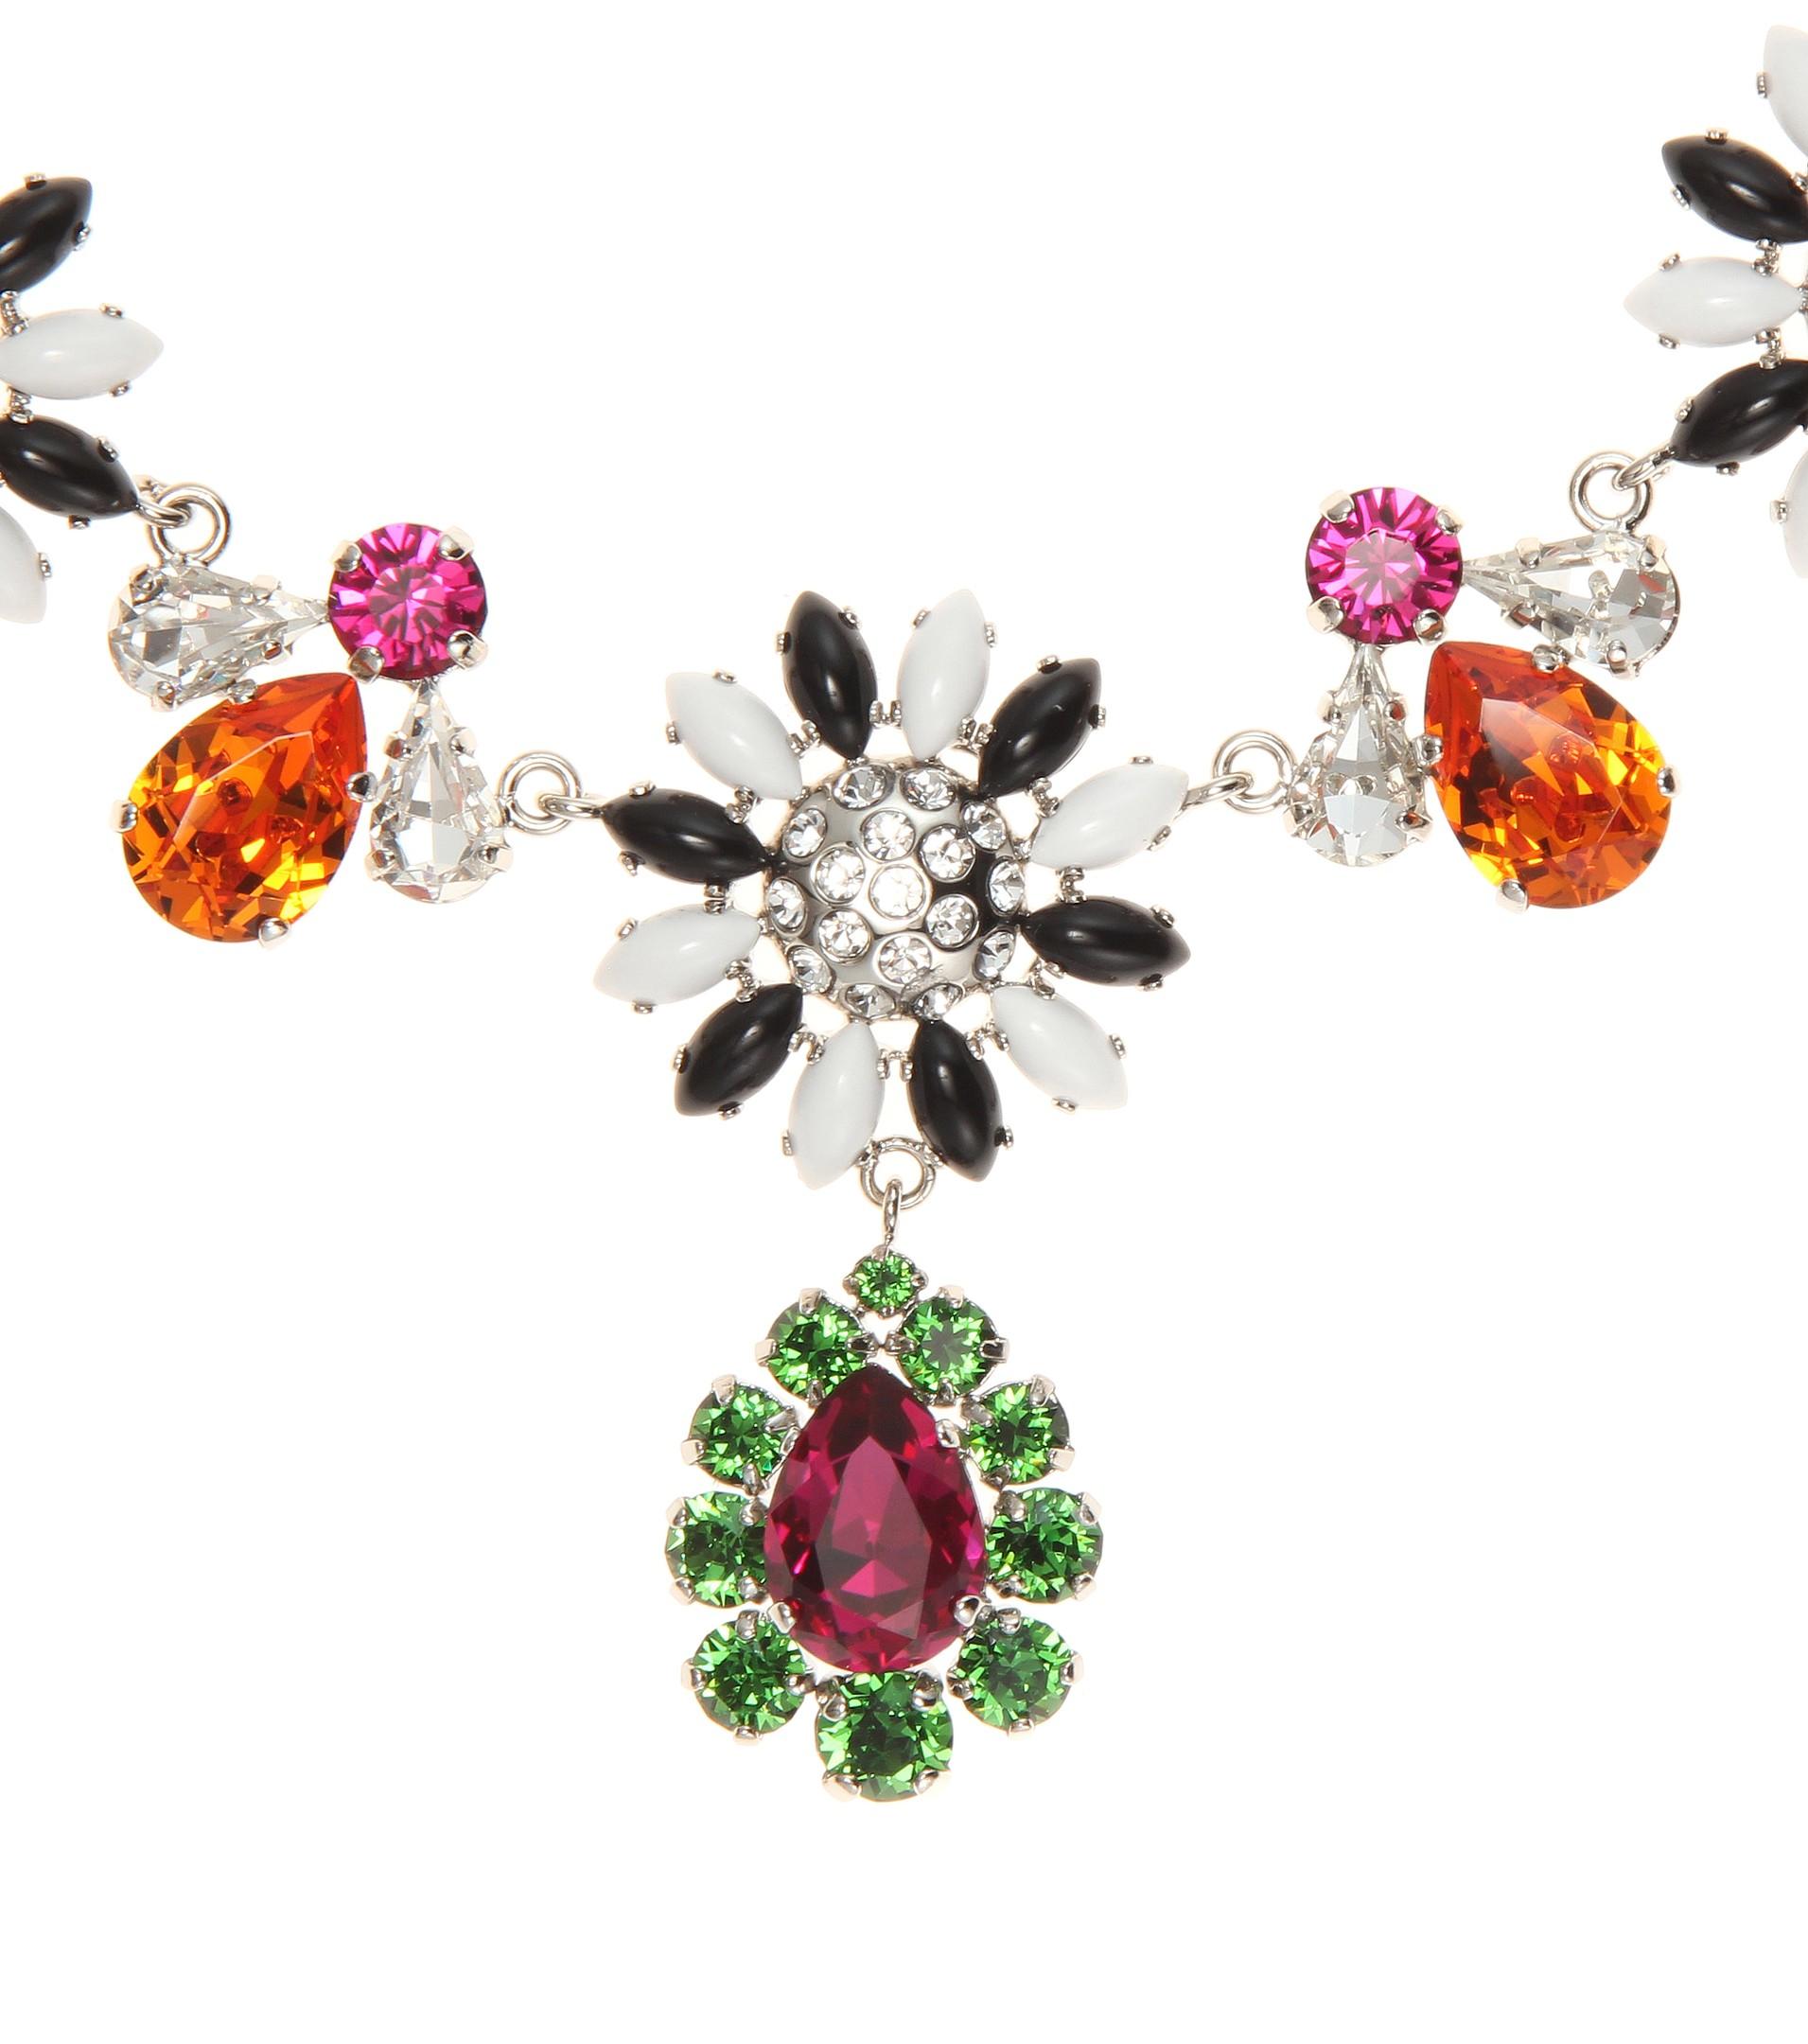 Miu Miu Crystal-embellished necklace x3S38y8my